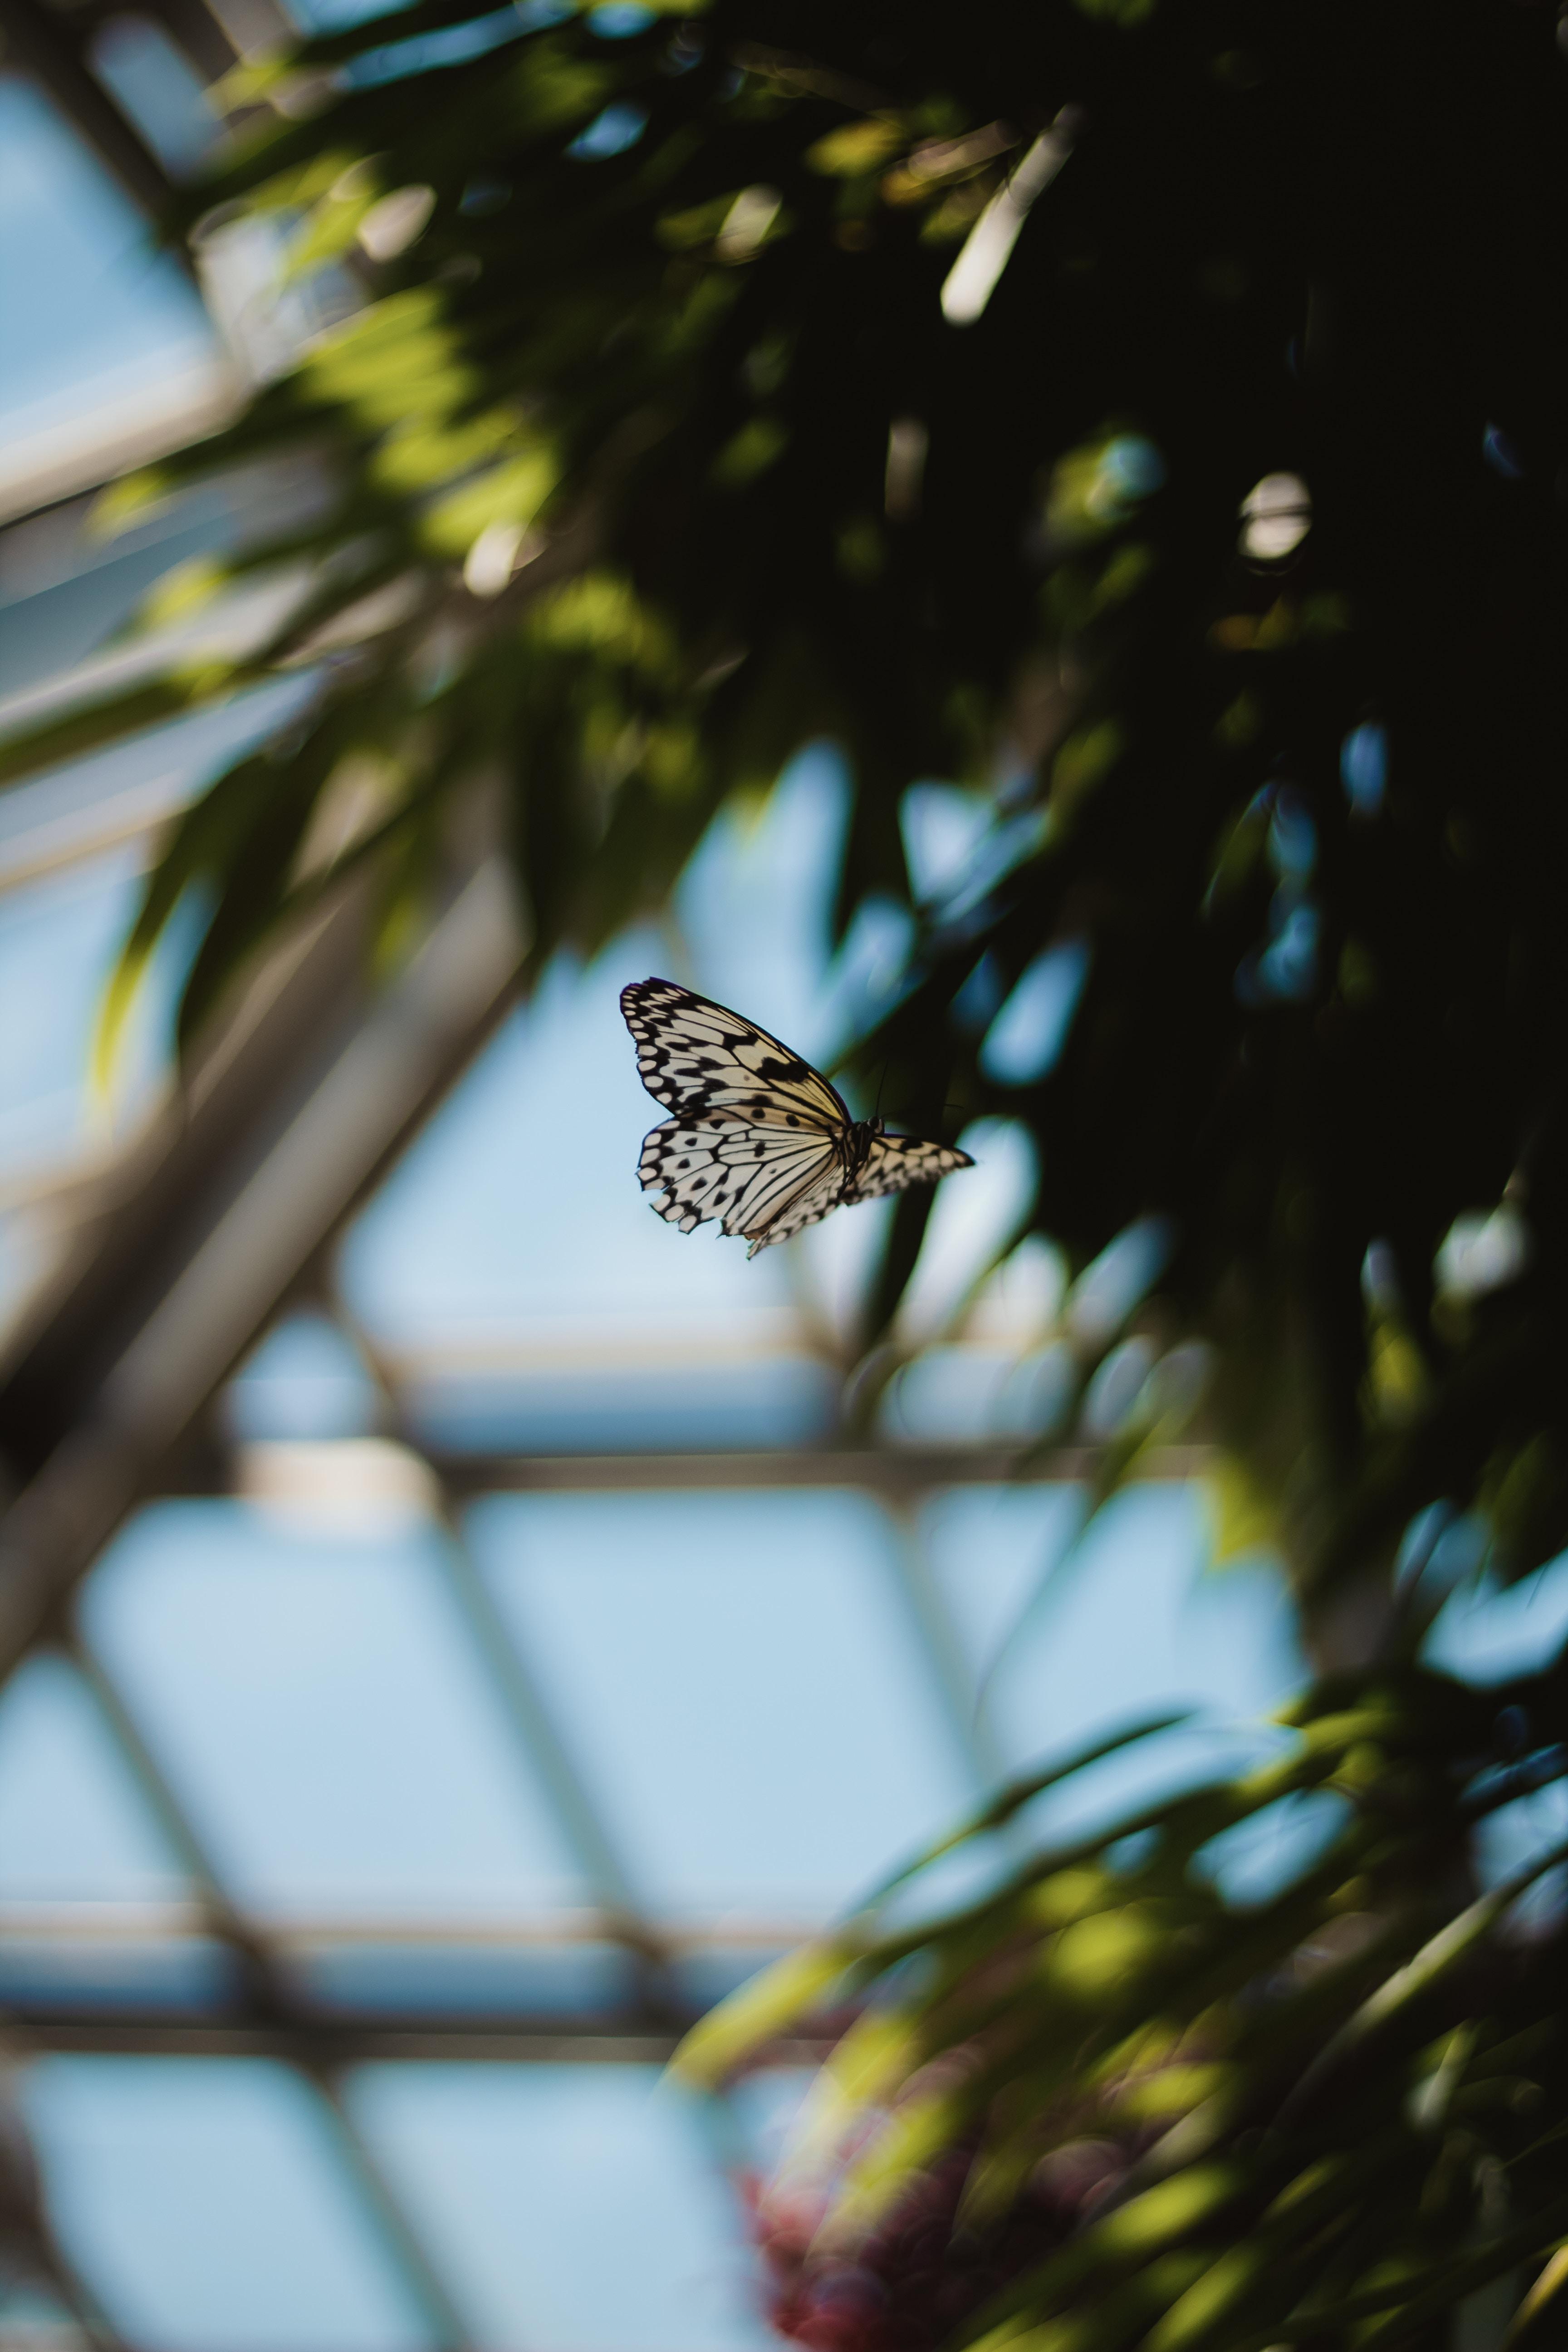 手機的61492屏保和壁紙昆虫。 免費下載 宏, 蝴蝶, 斑, 斑点, 苍蝇, 飞行, 昆虫, 鳞翅目, 鳞片, 翅膀 圖片